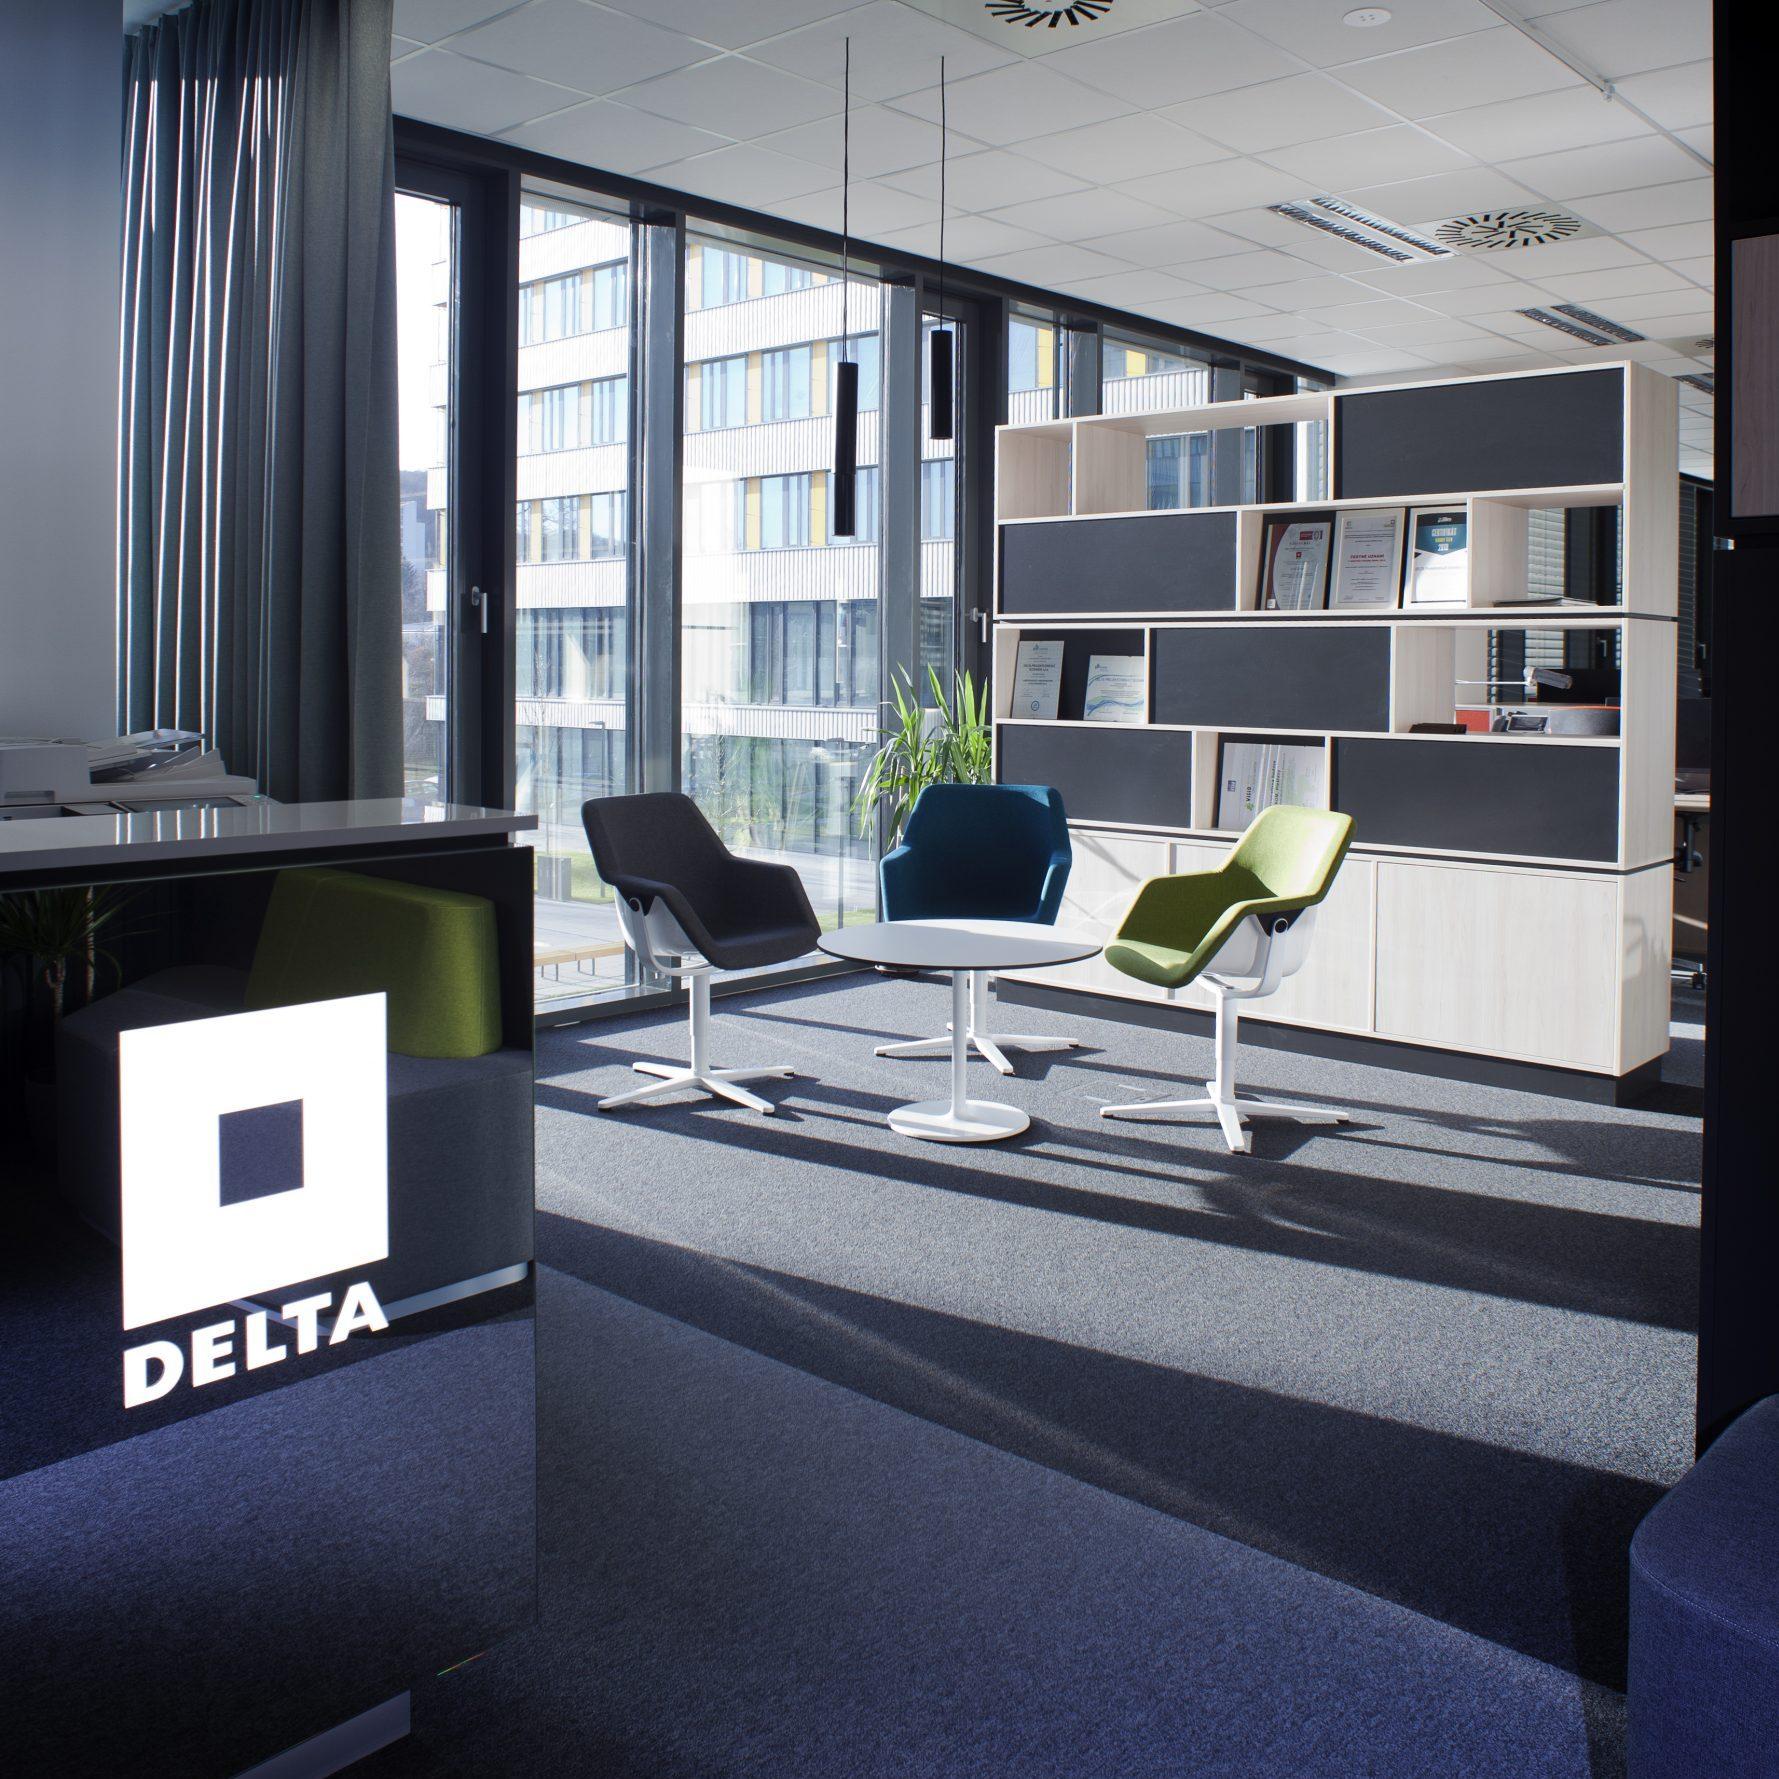 Kancelářské prostory Delta Group Slovensko v Bratislavě